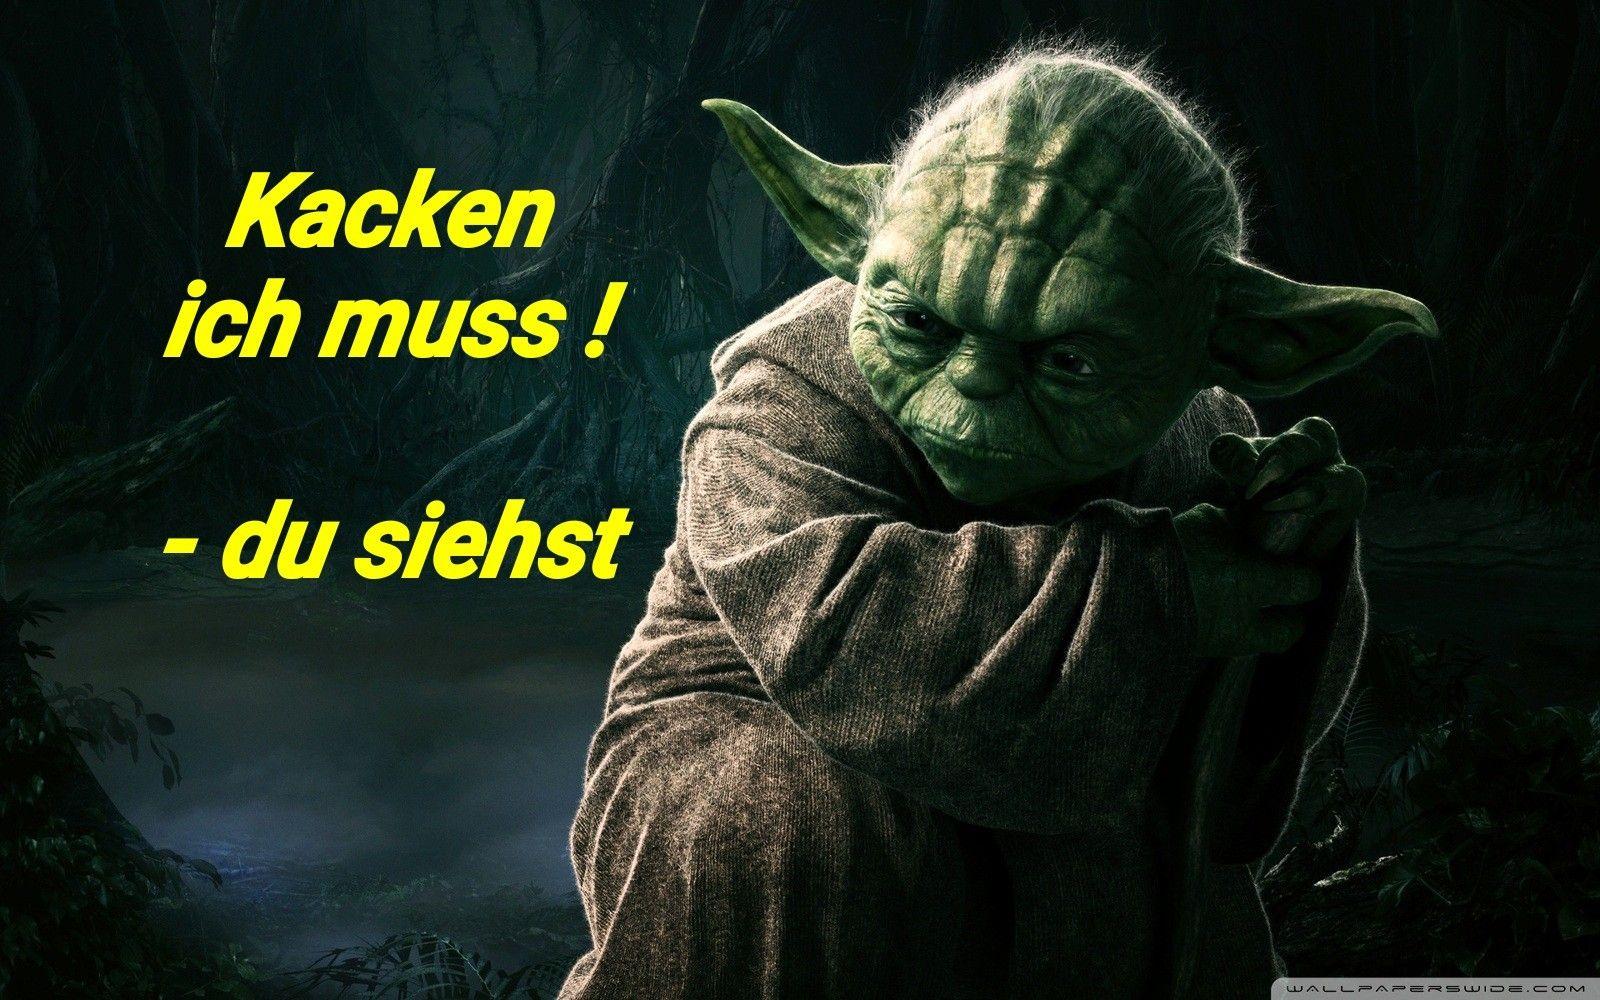 Yoda lustig witzig Sprüche Bild Bilder. Jacken ich muss du ...